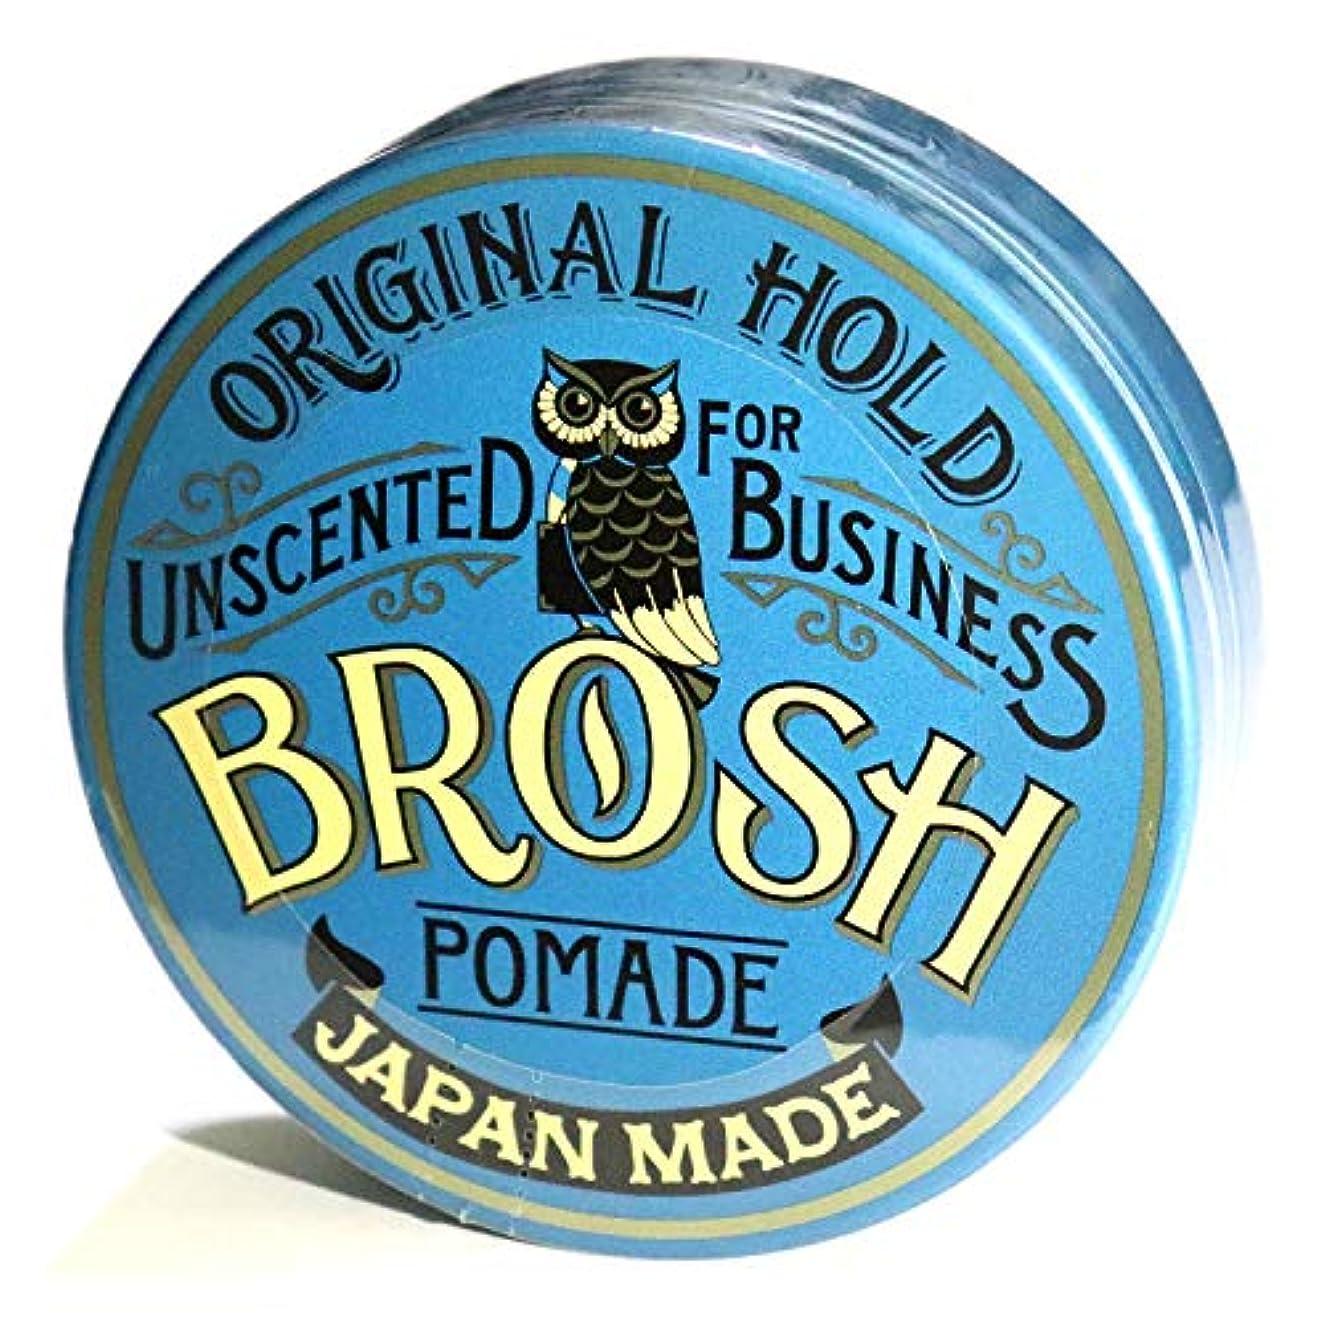 アパート溶接洗剤BROSH (ブロッシュ) BROSH POMADE UNSCENTED/BIZ 115g 水性ポマード 整髪料 無香料